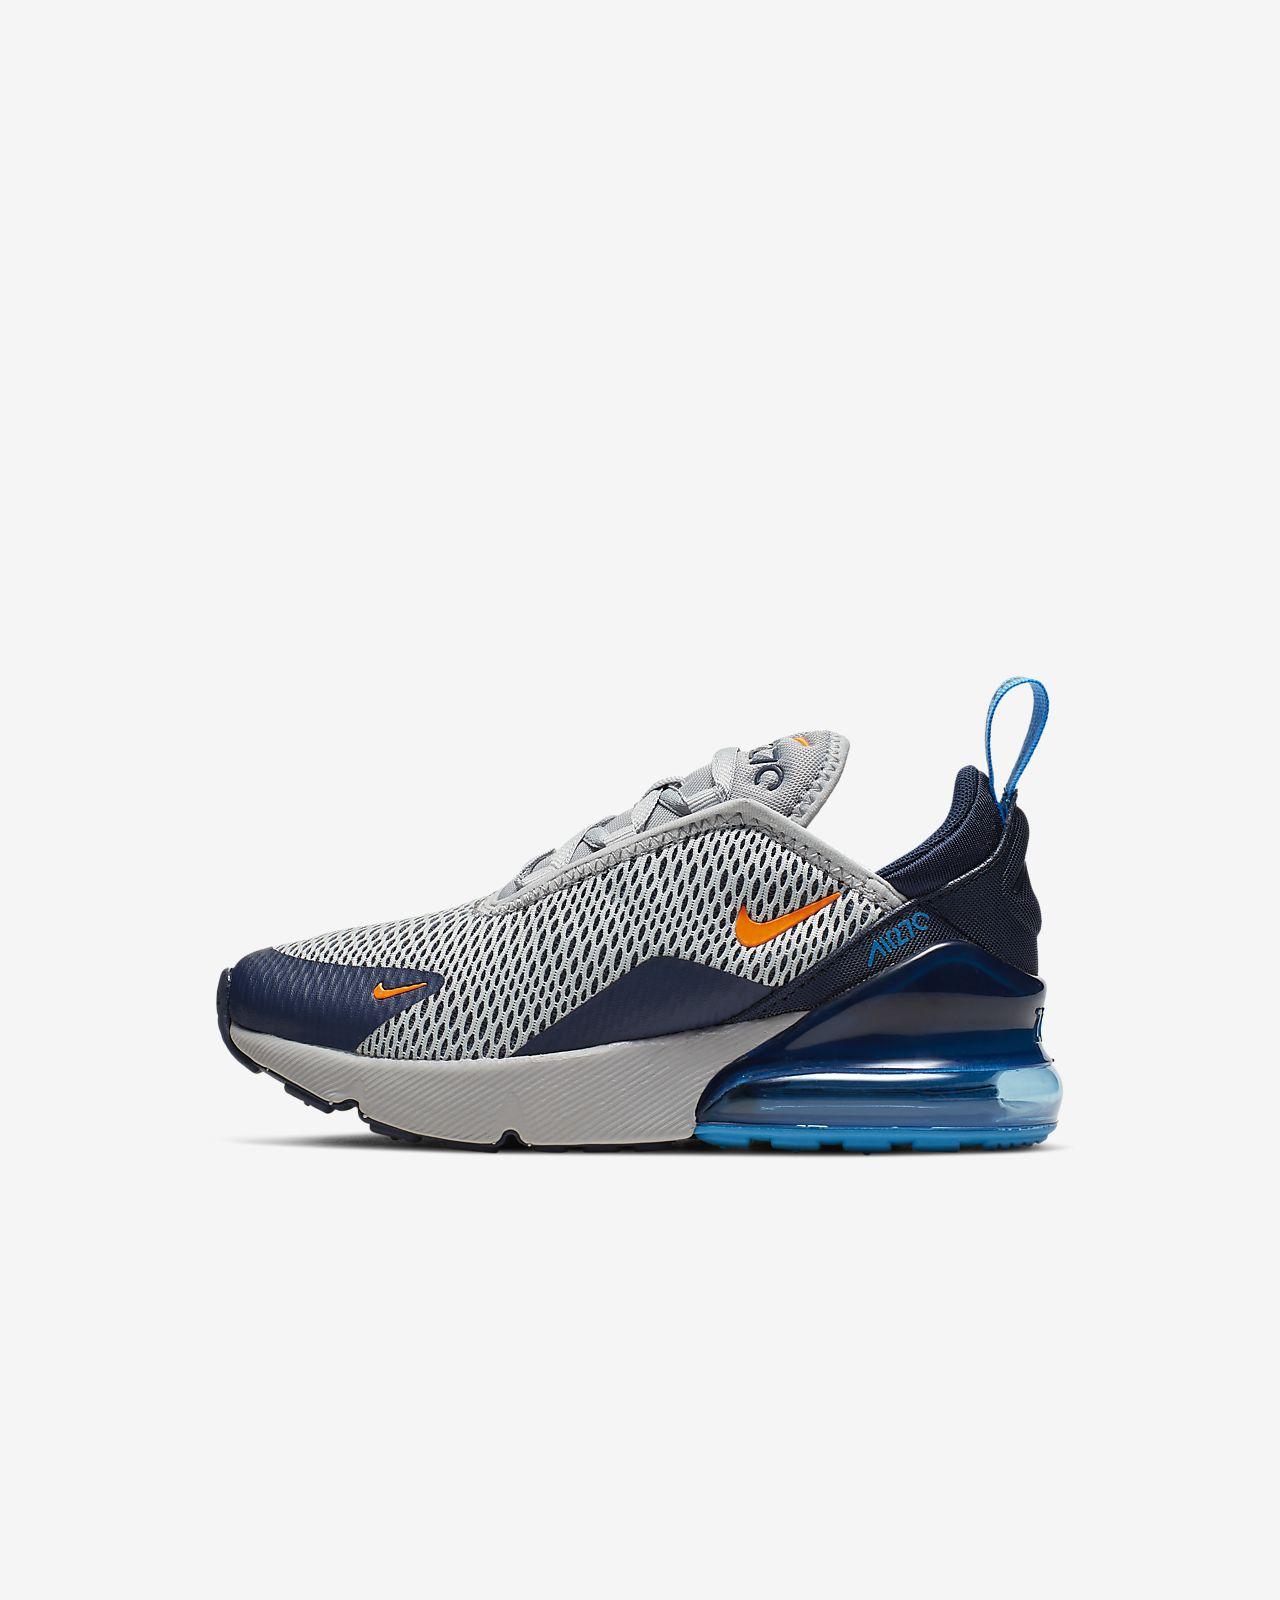 buy online a7b5e 4ee54 ... Chaussure Nike Air Max 270 pour Jeune enfant